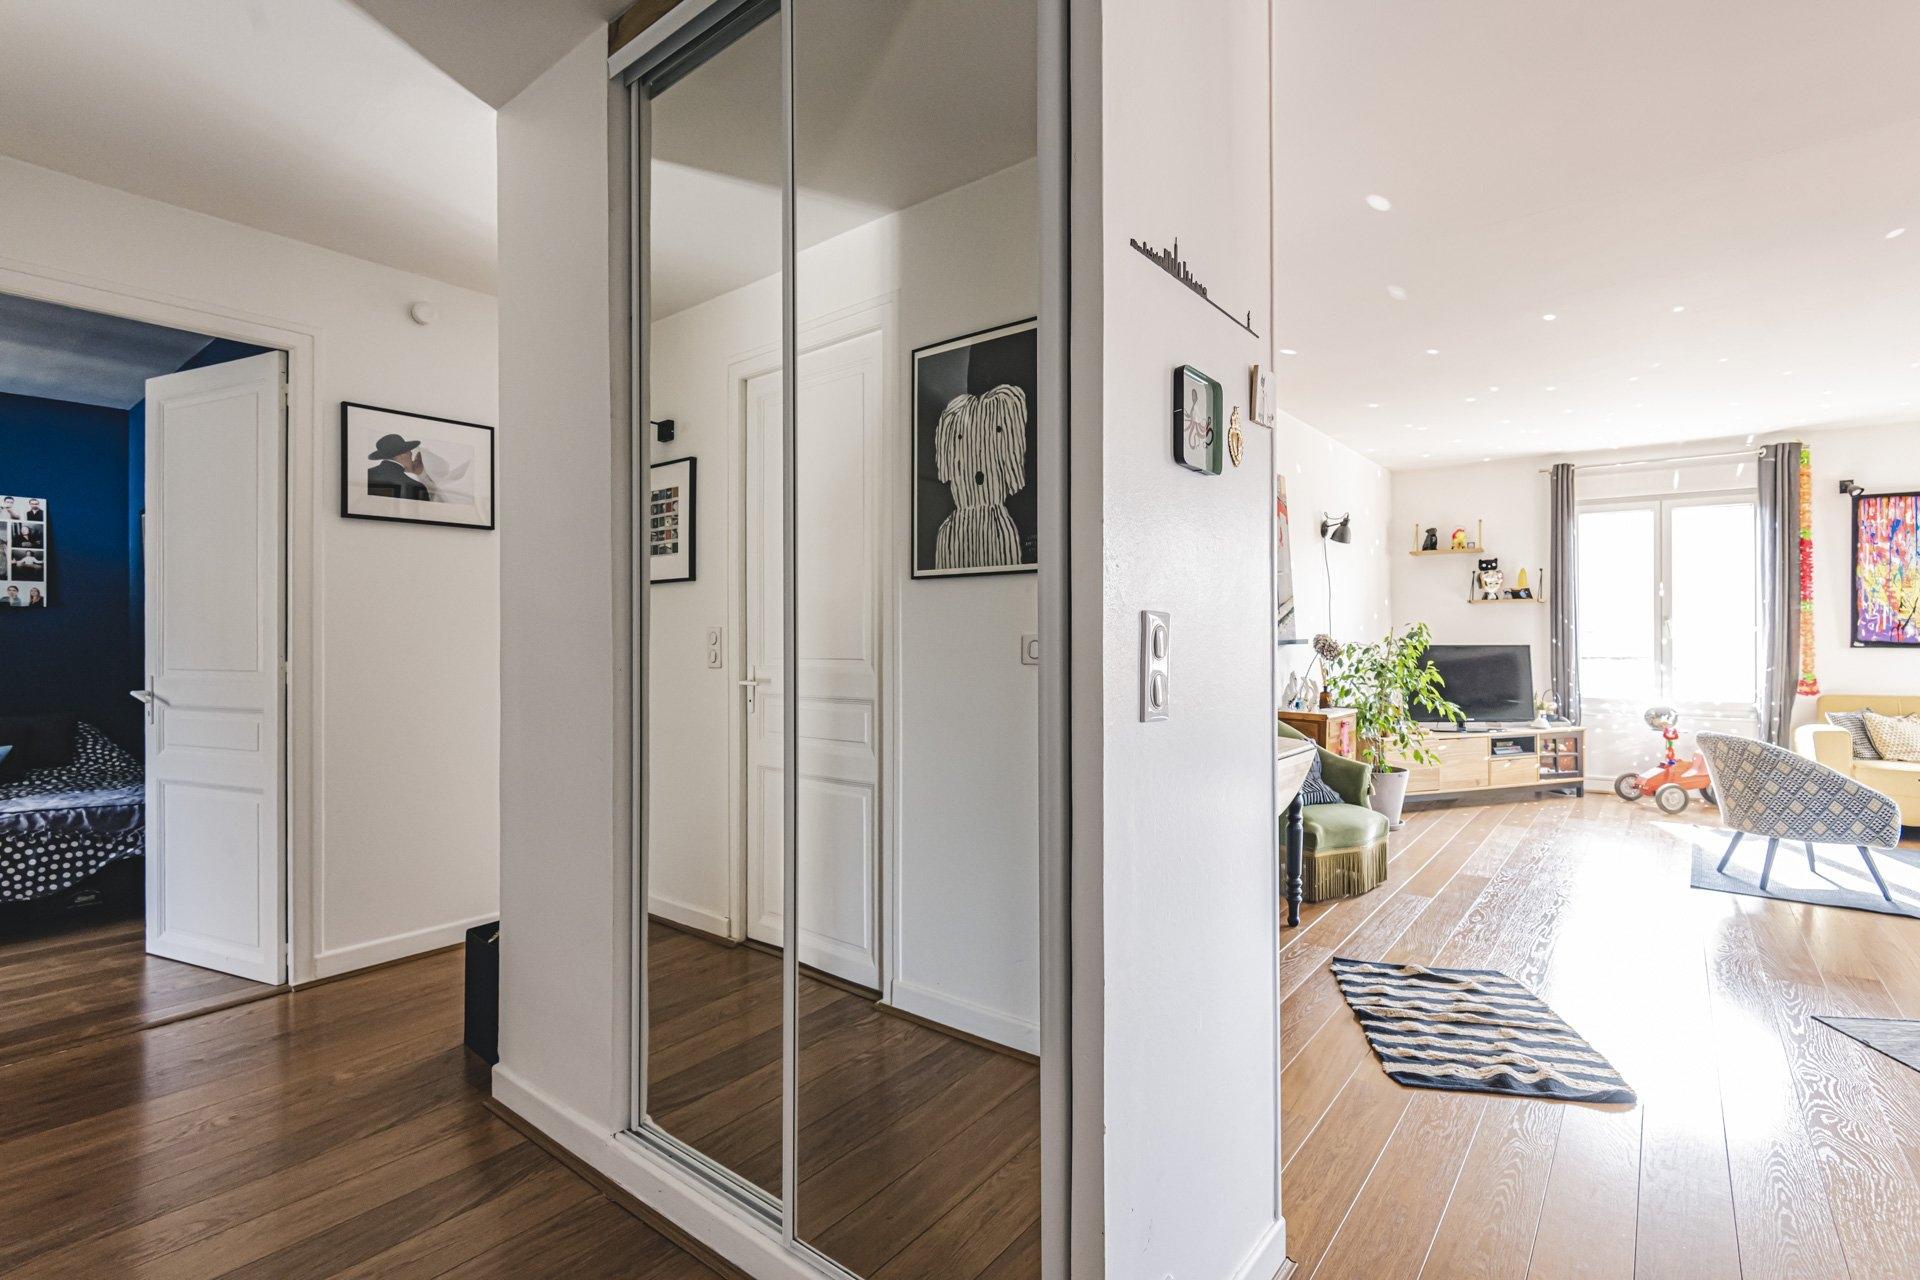 Appartement Reims 4 Pièces 104 m2 - 4